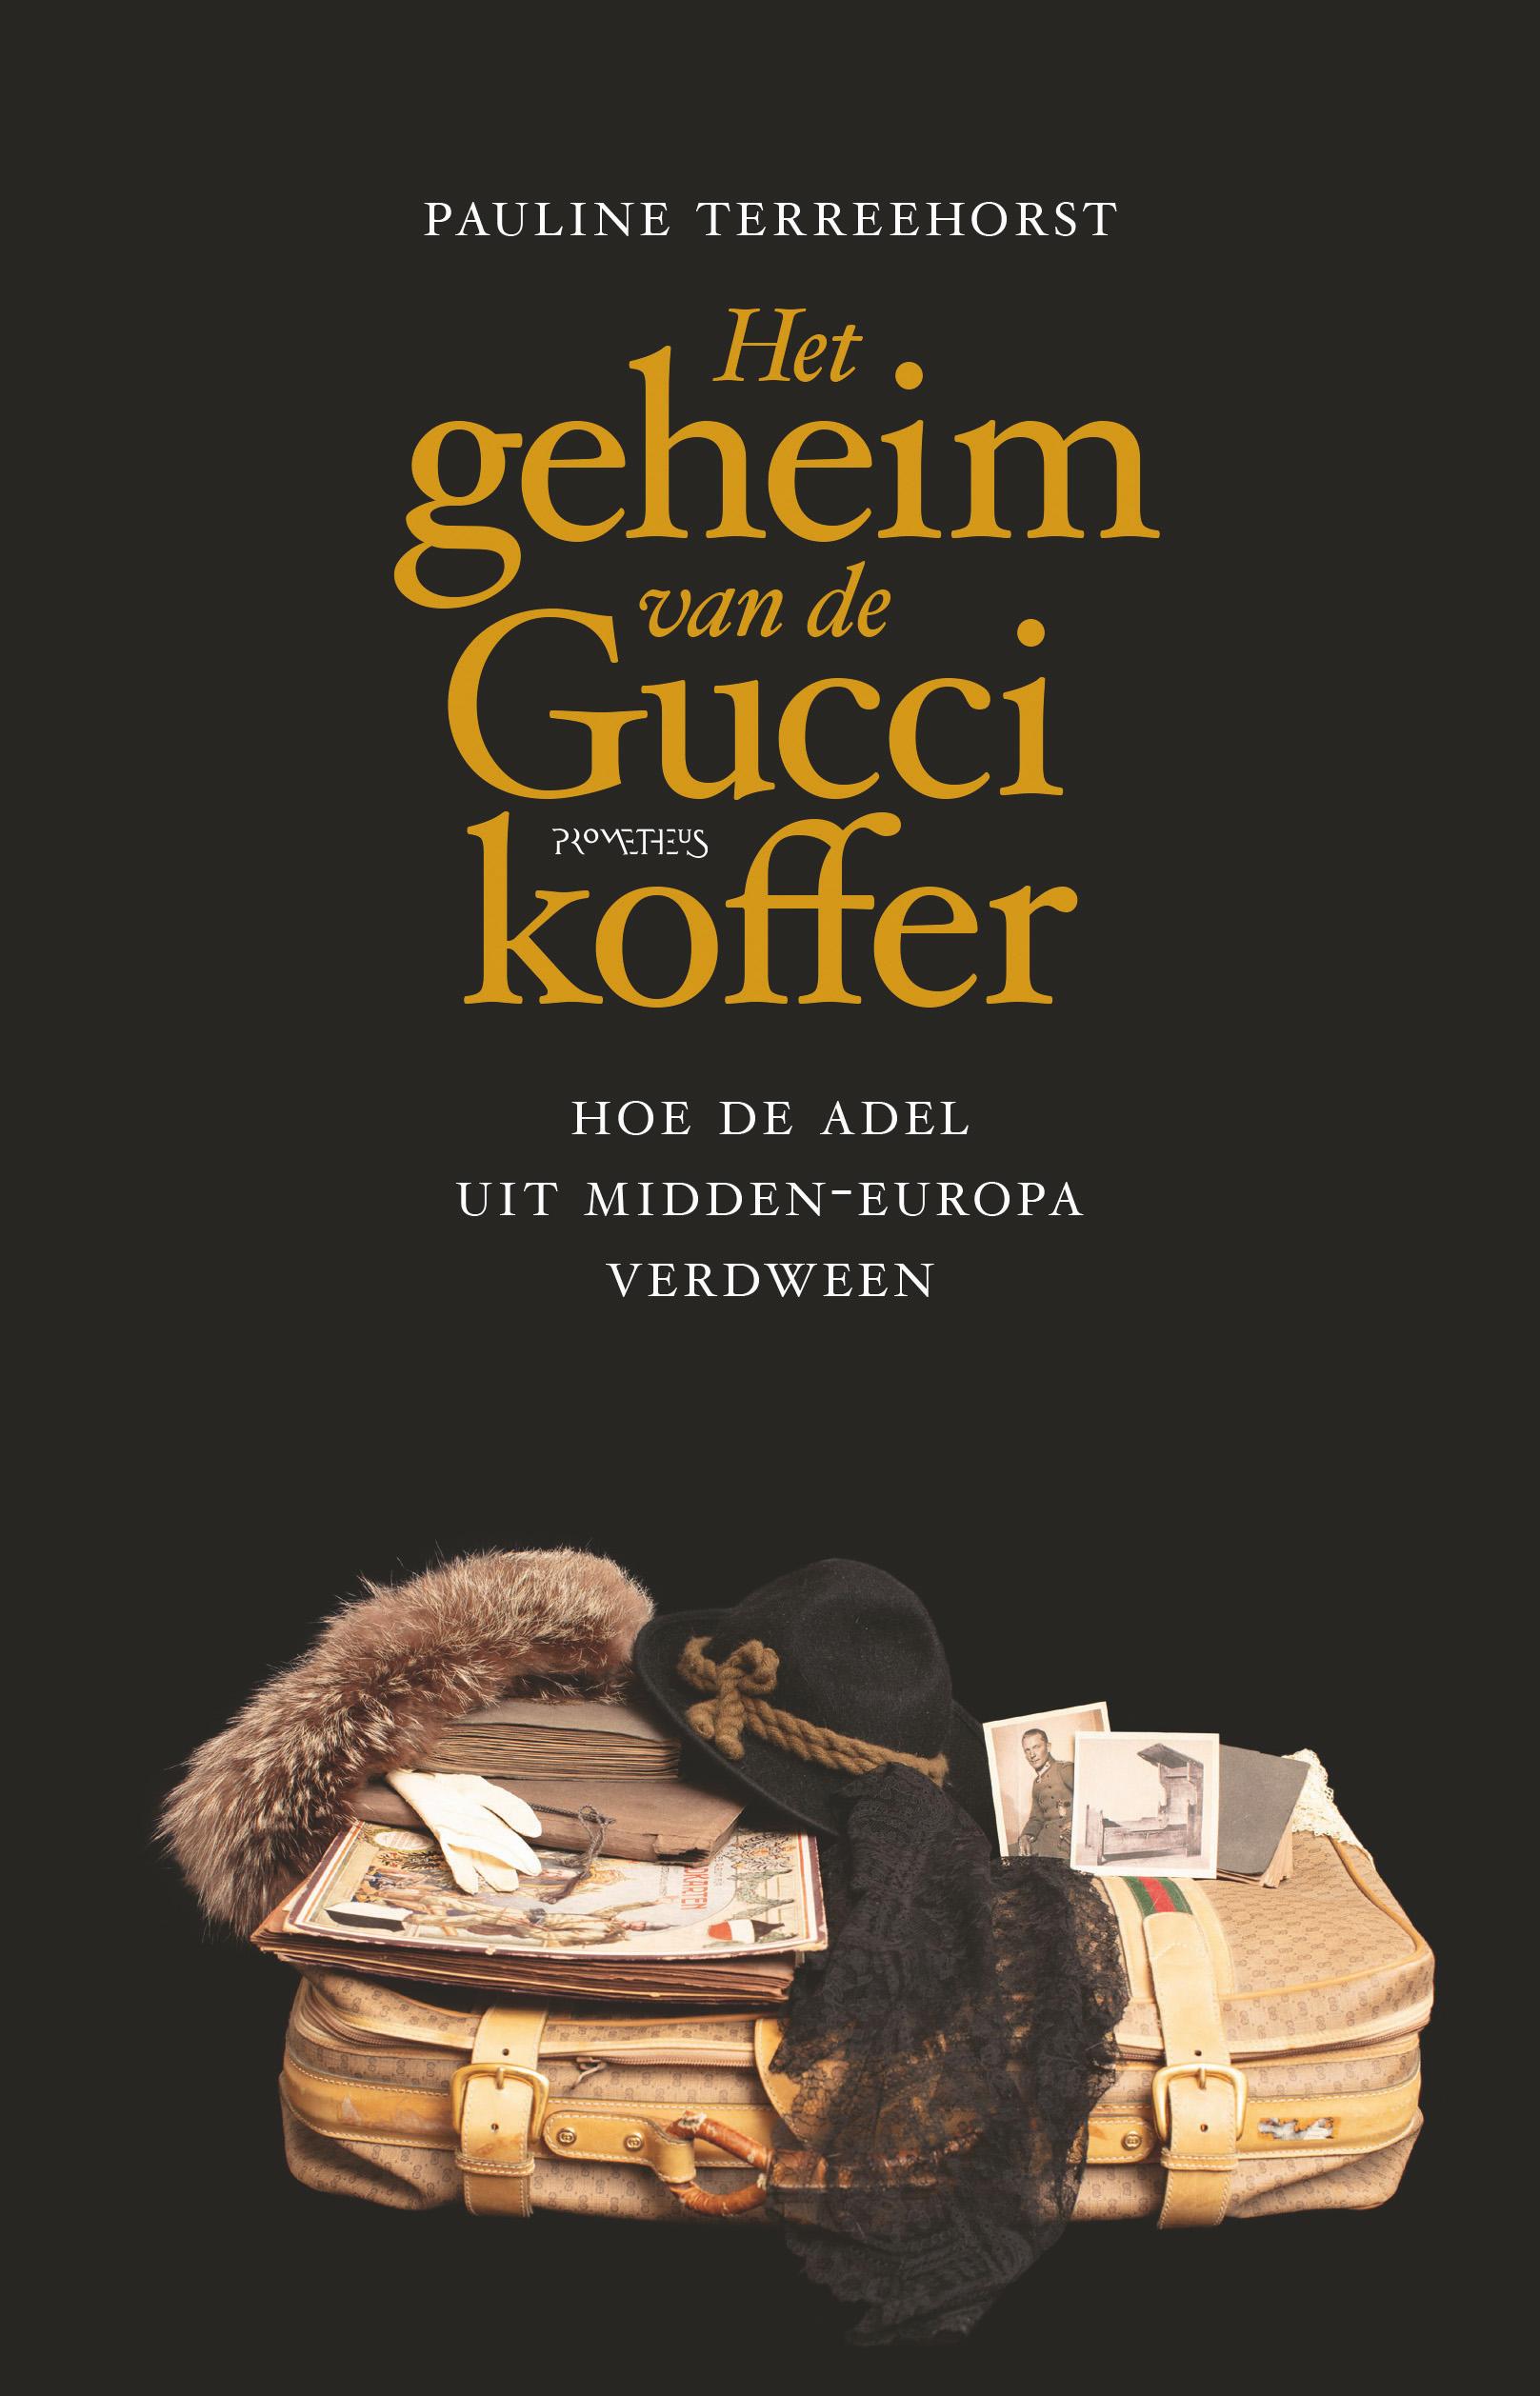 Het geheim van de Guccikoffer - boekenflits